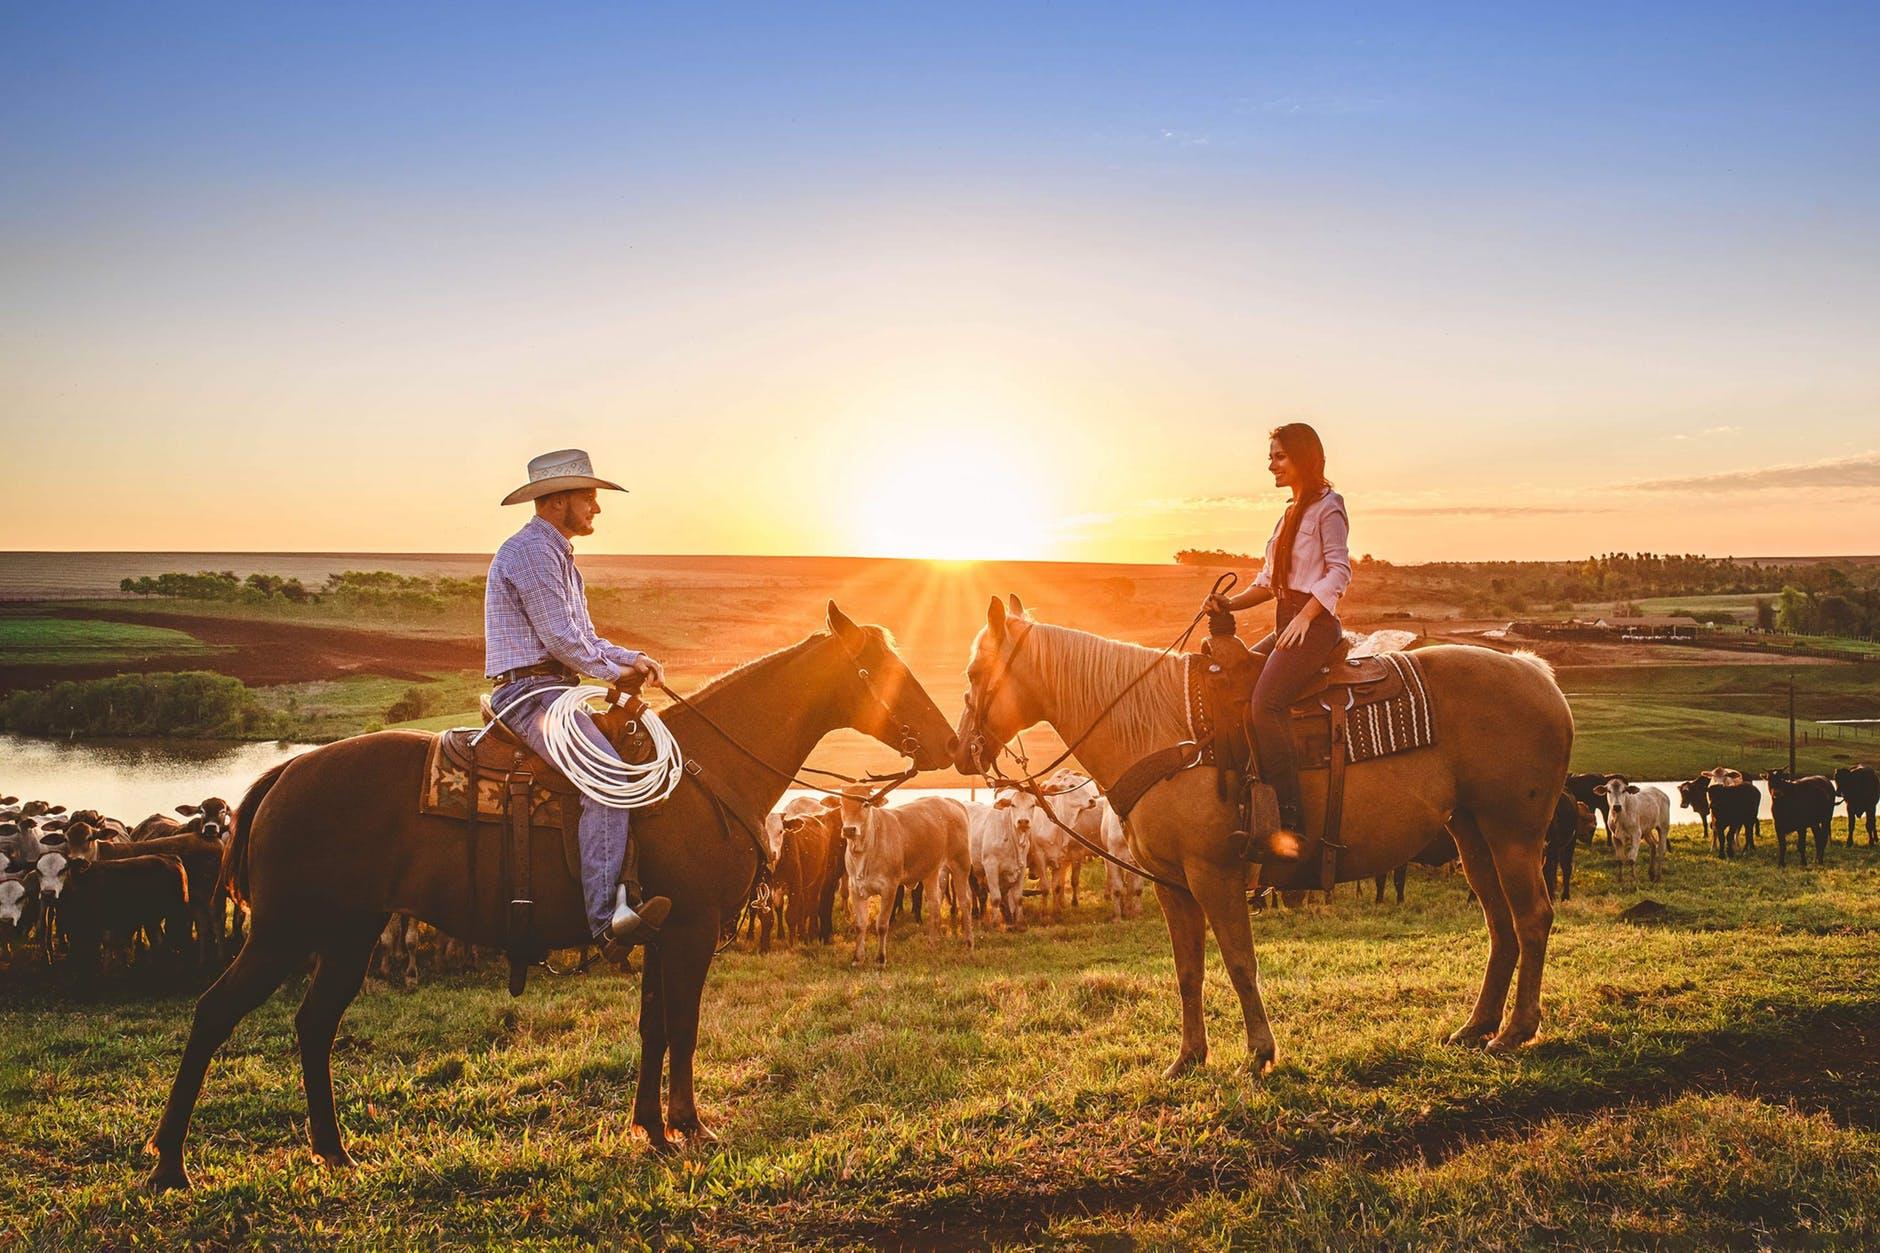 to ryttere på heste